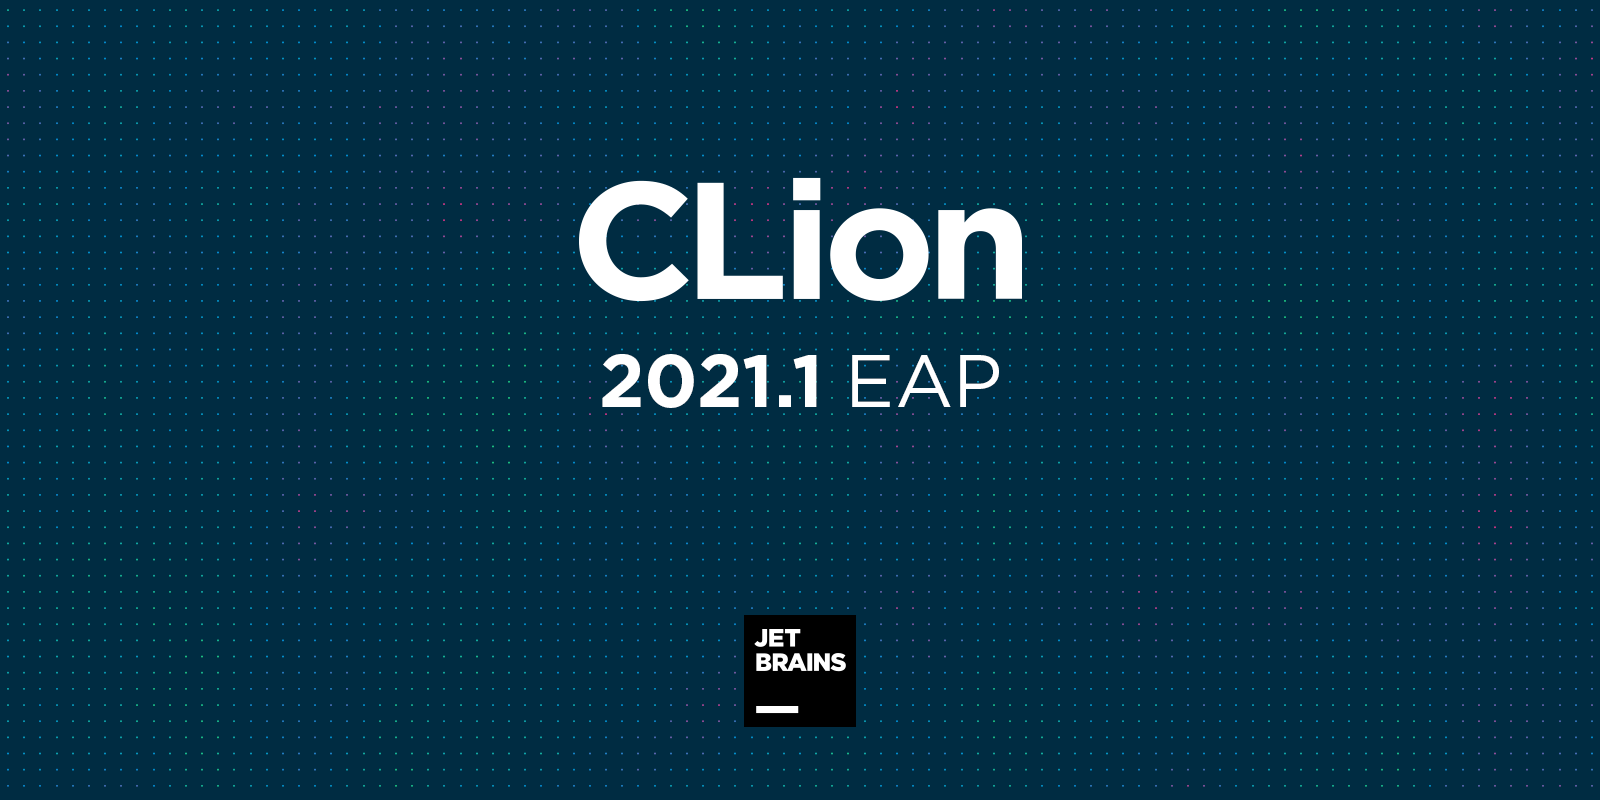 CLion opens 2021.1 EAP